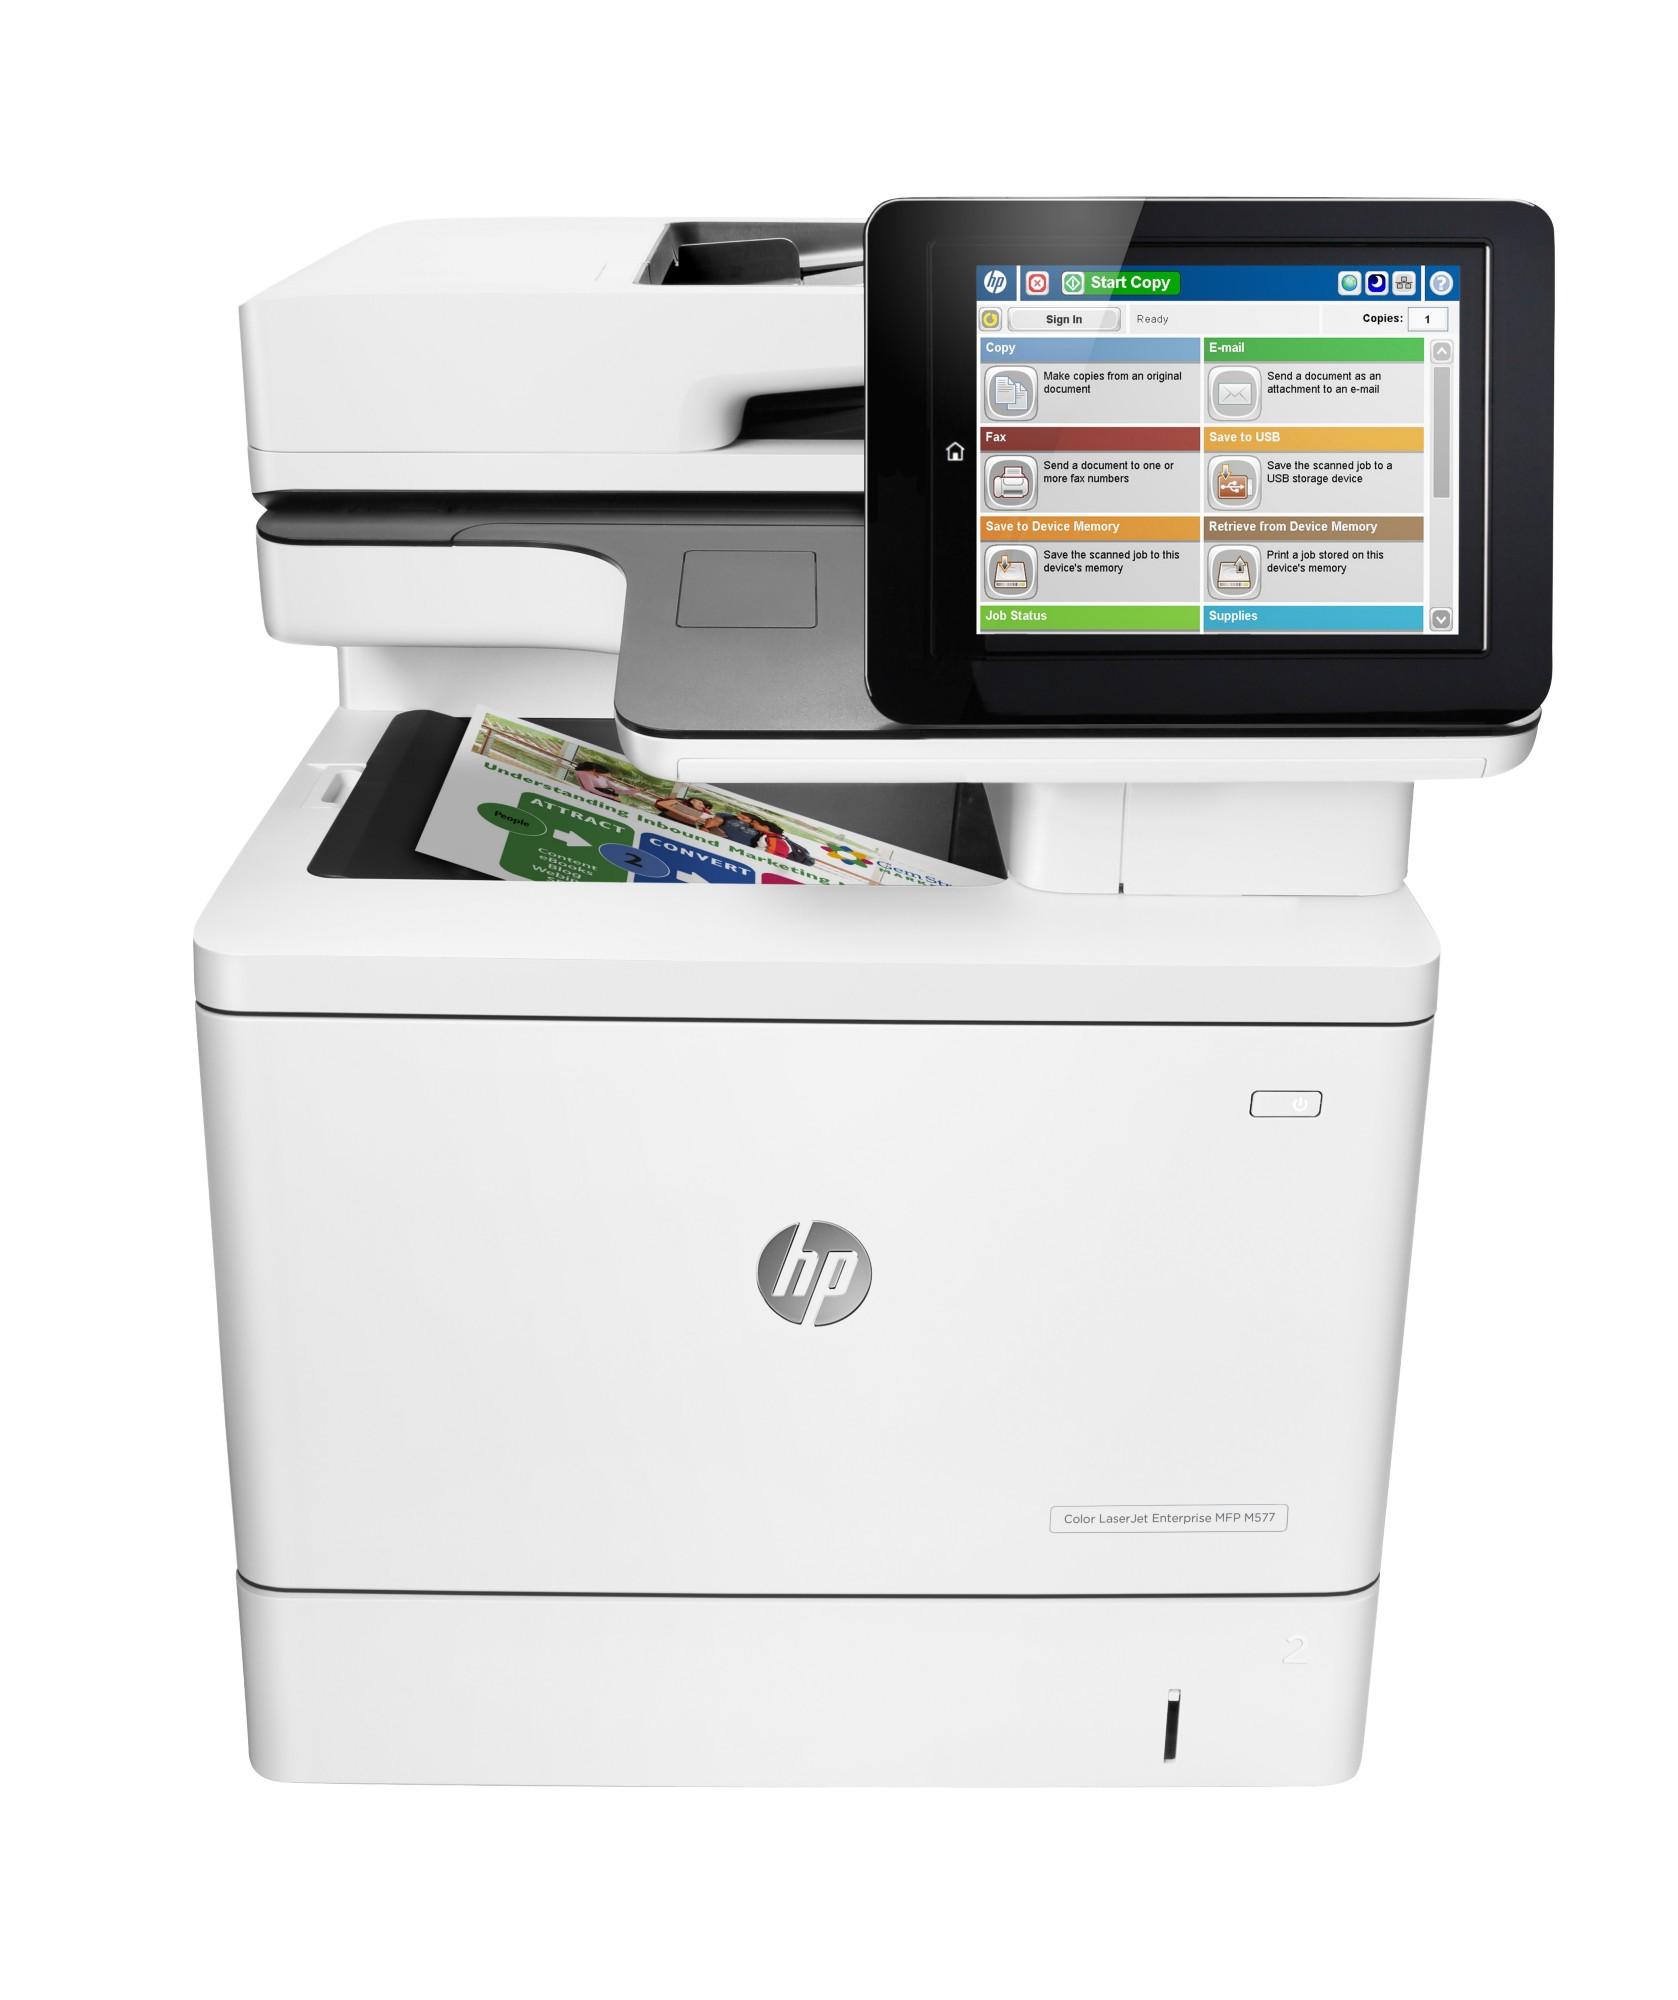 HP LaserJet Color Enterprise MFP M577dn